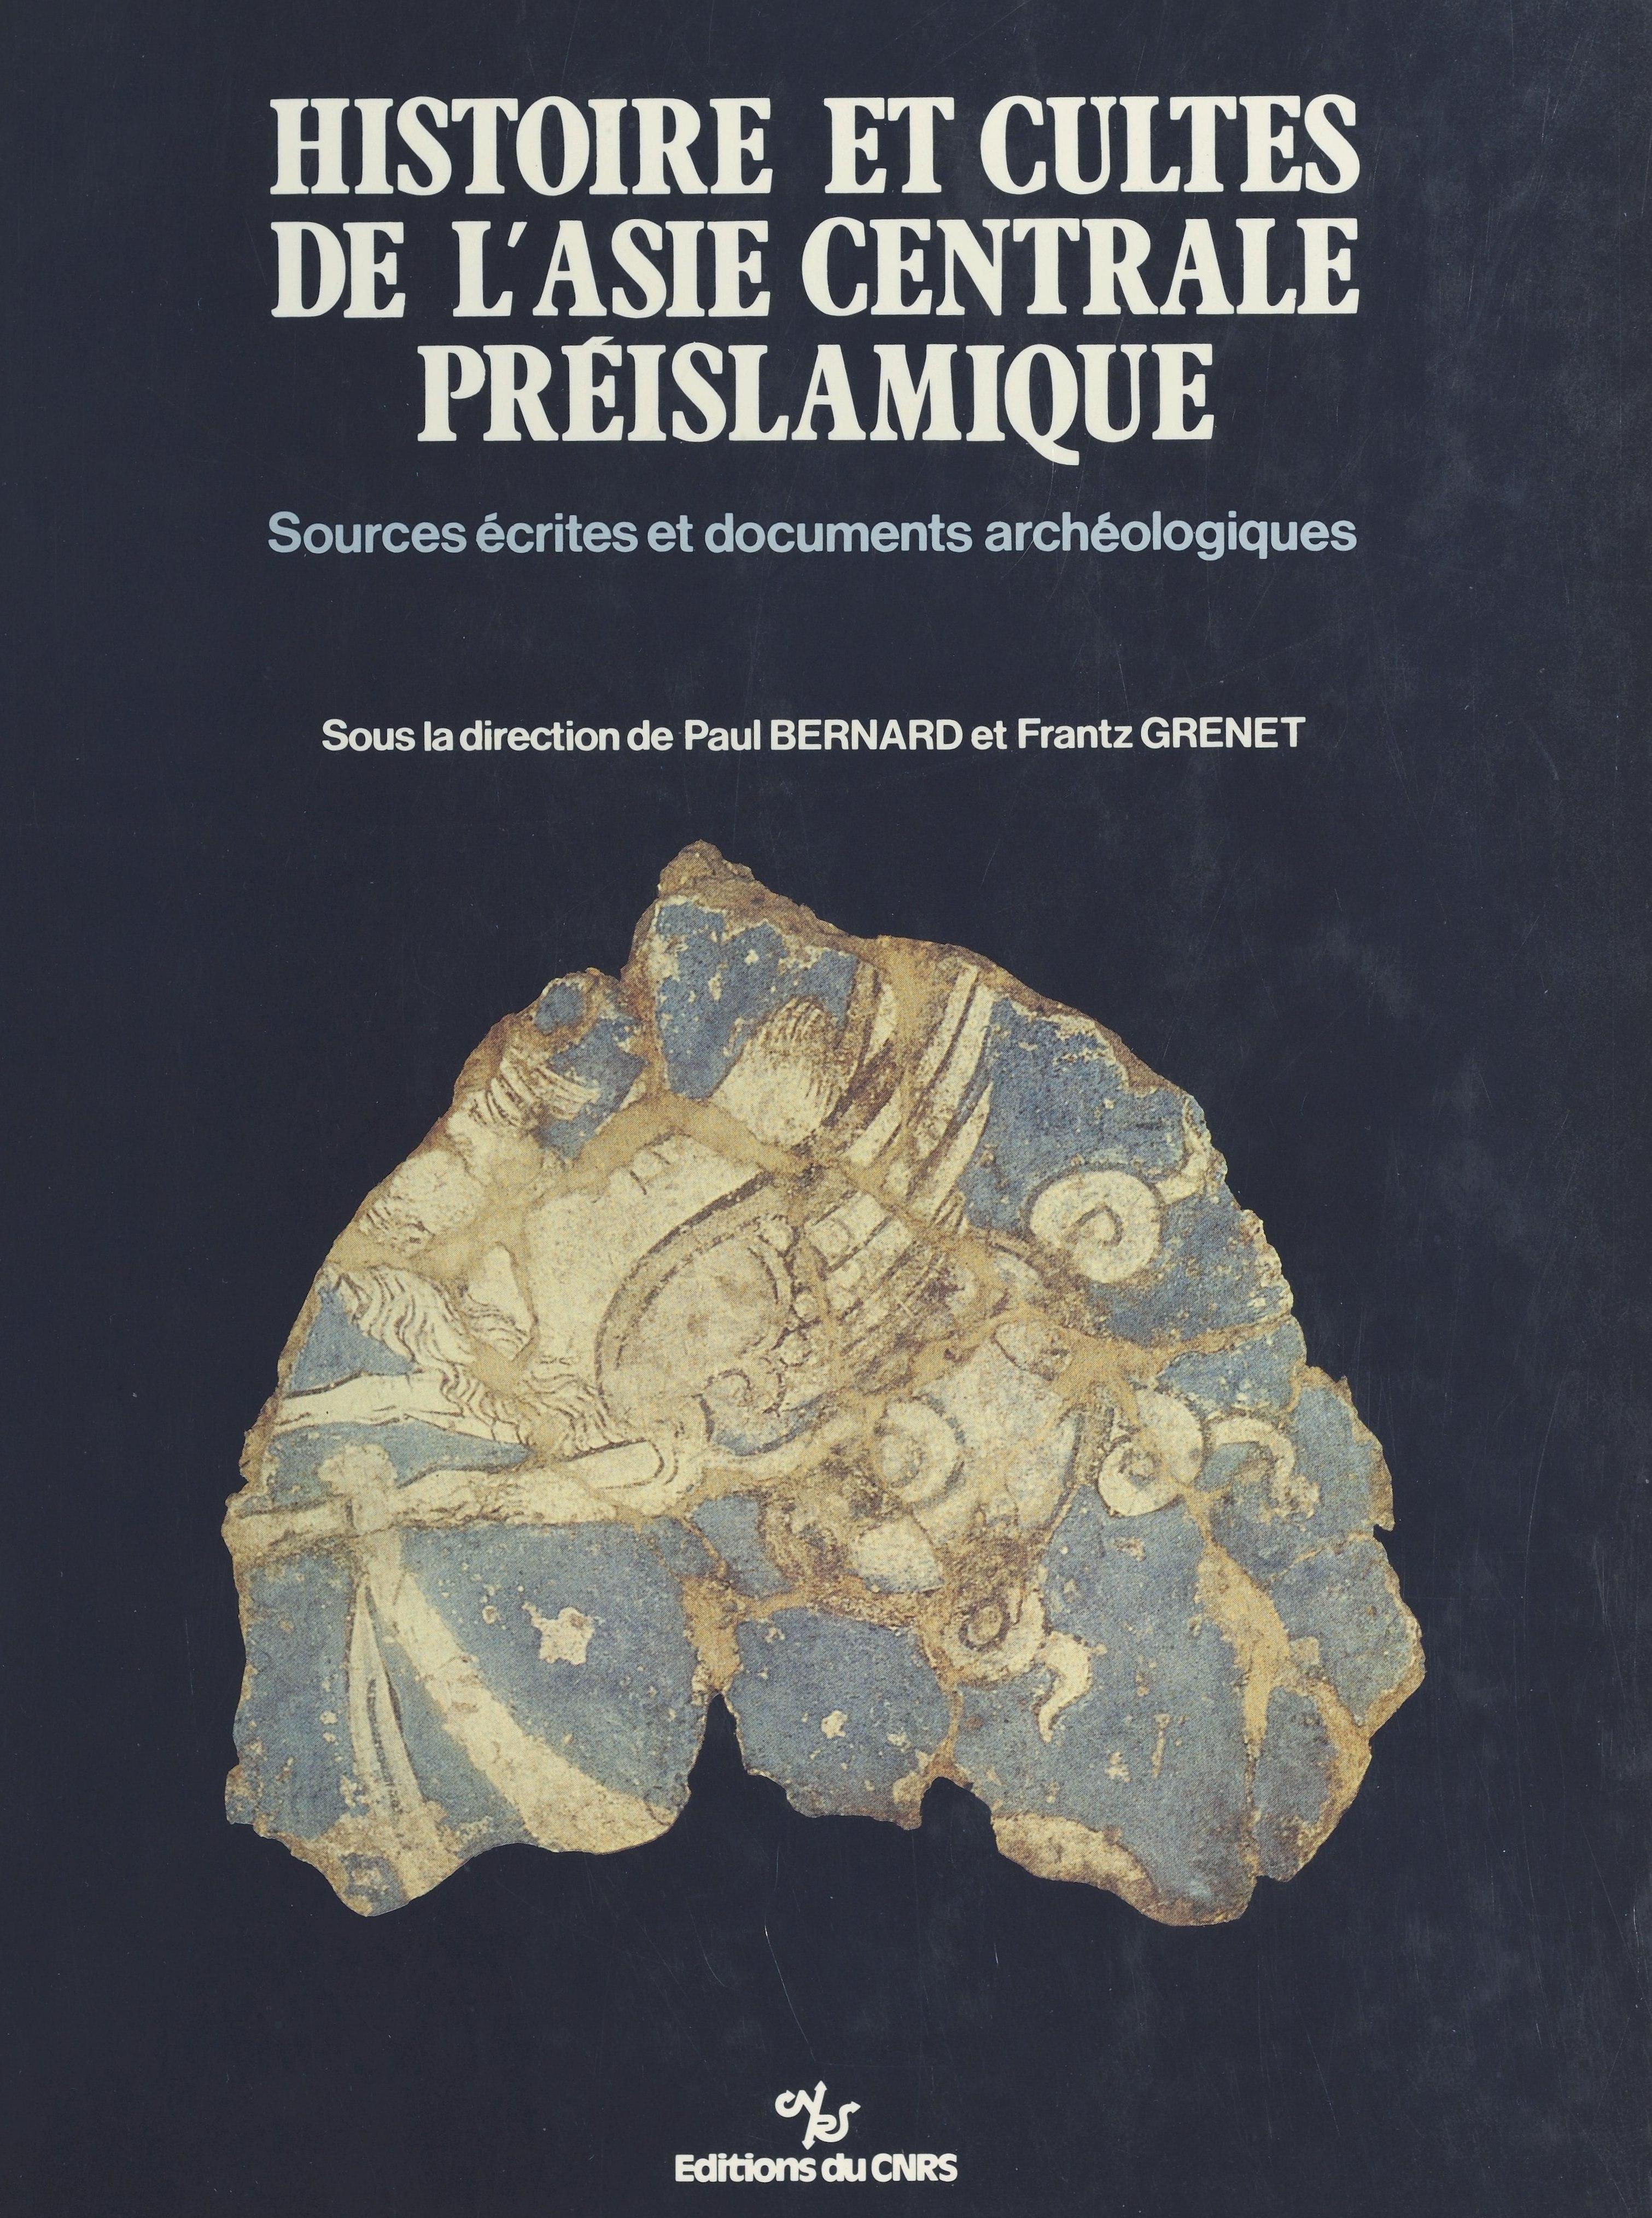 Histoire et cultes de l'Asie centrale préislamique : sources écrites et documents archéologiques